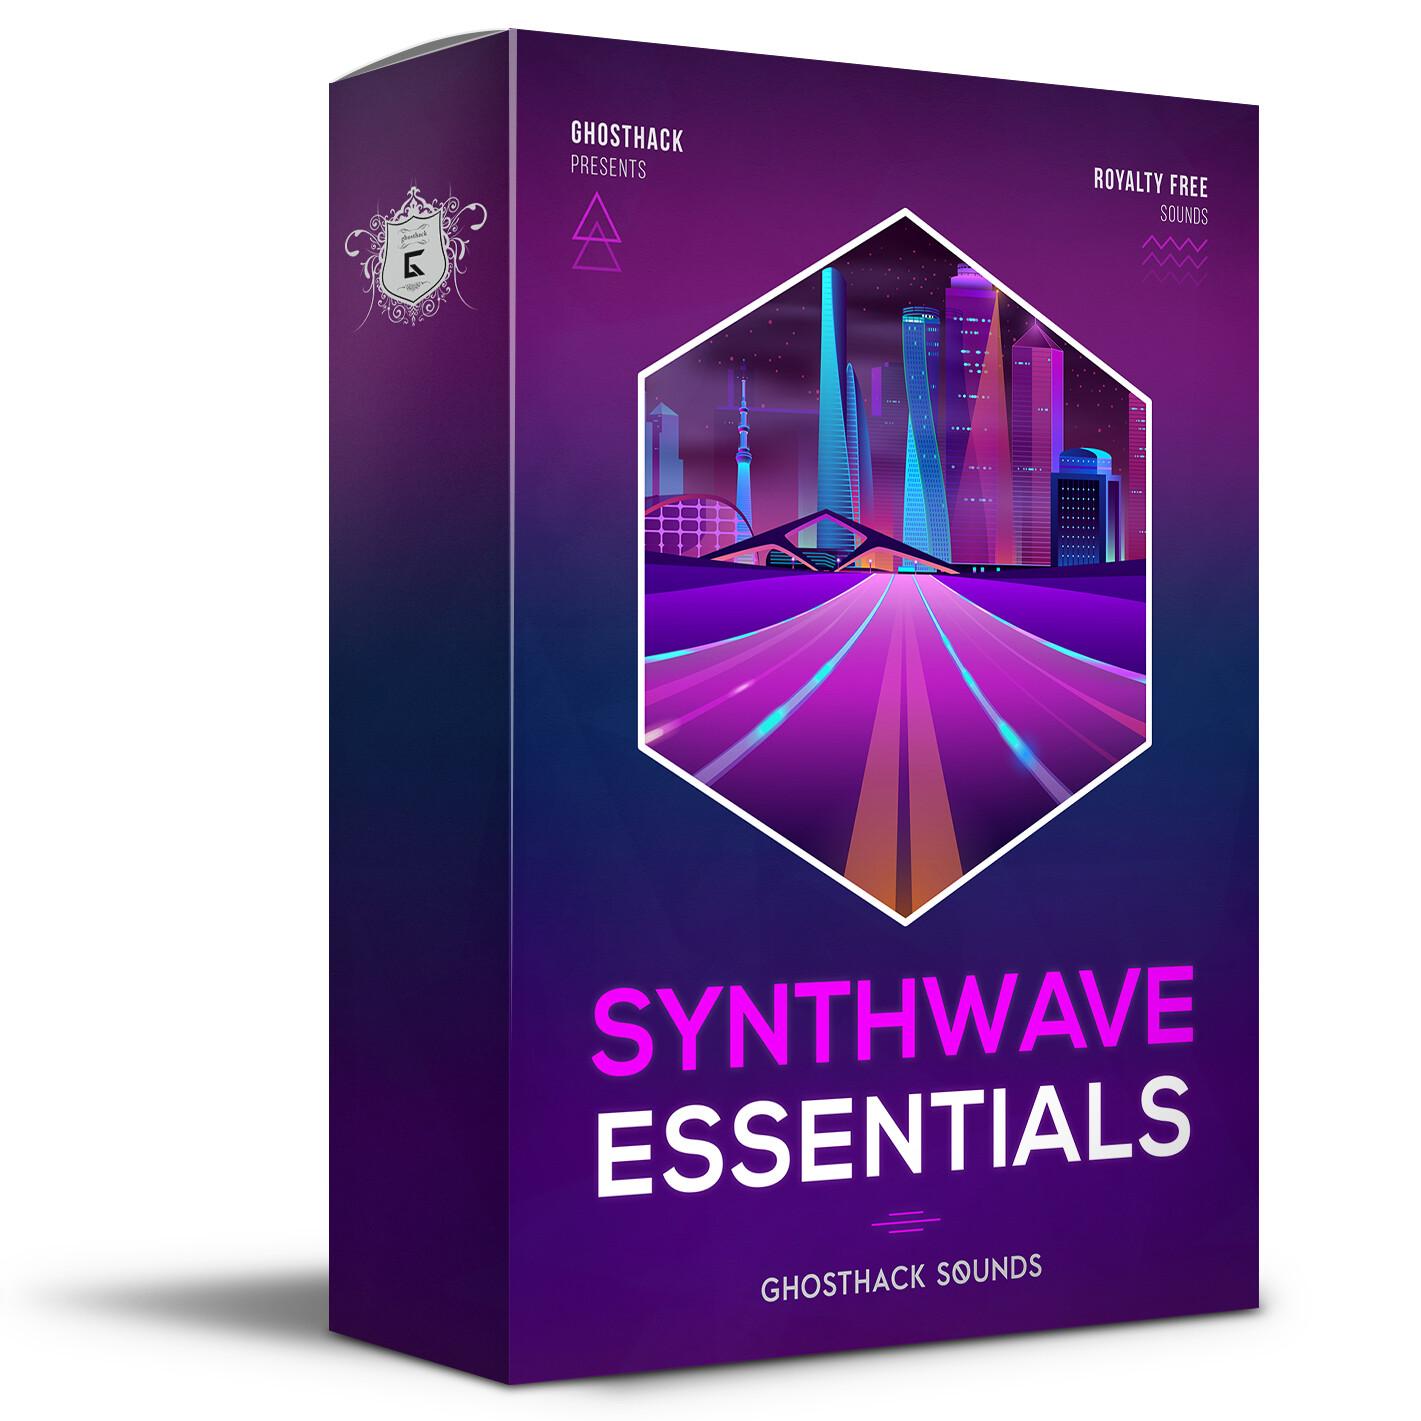 Synthwave Essentials